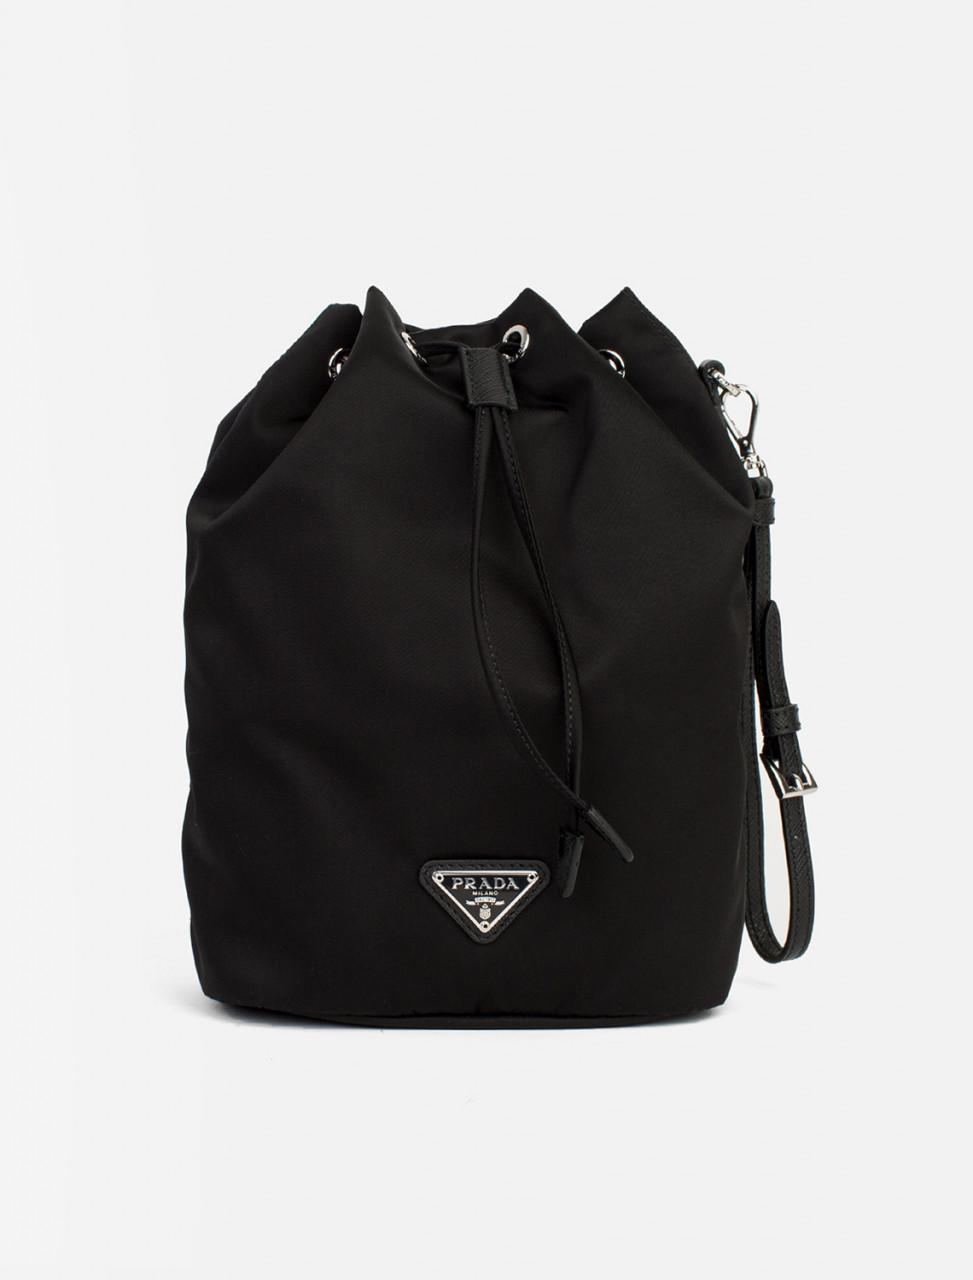 Sailcloth Drawstring Bag